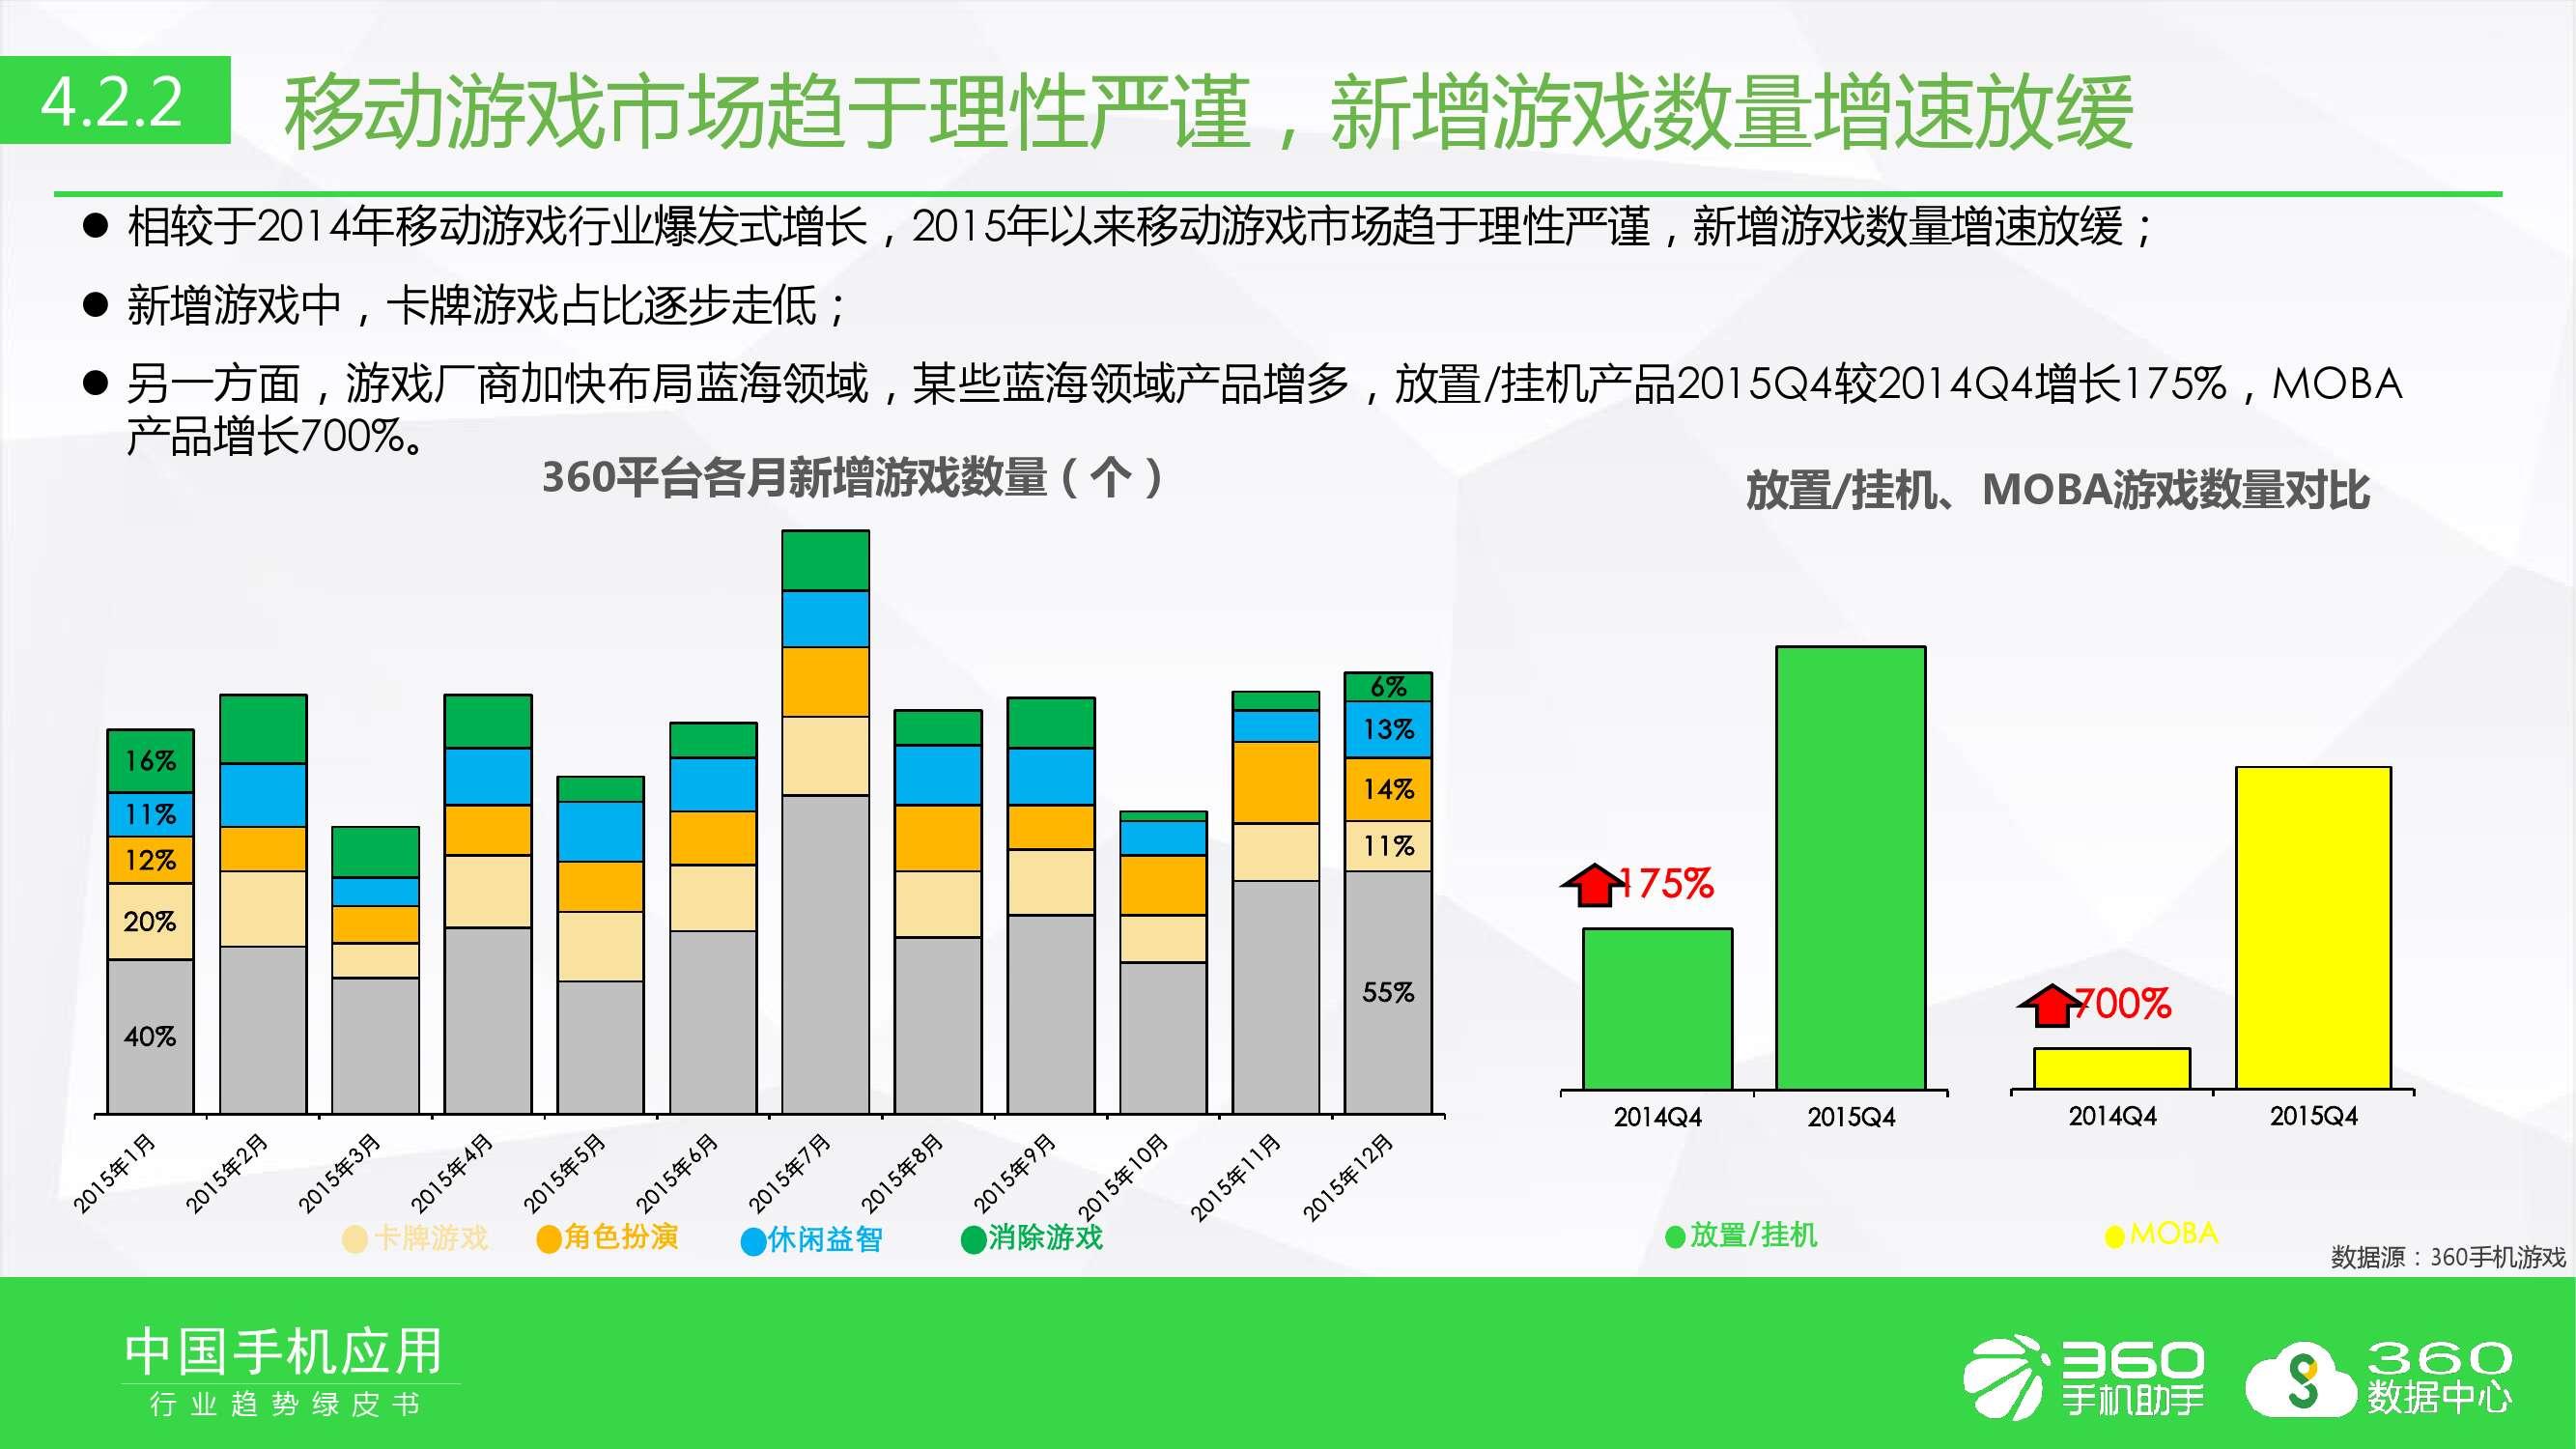 2016年手机软件行业趋势绿皮书_000042